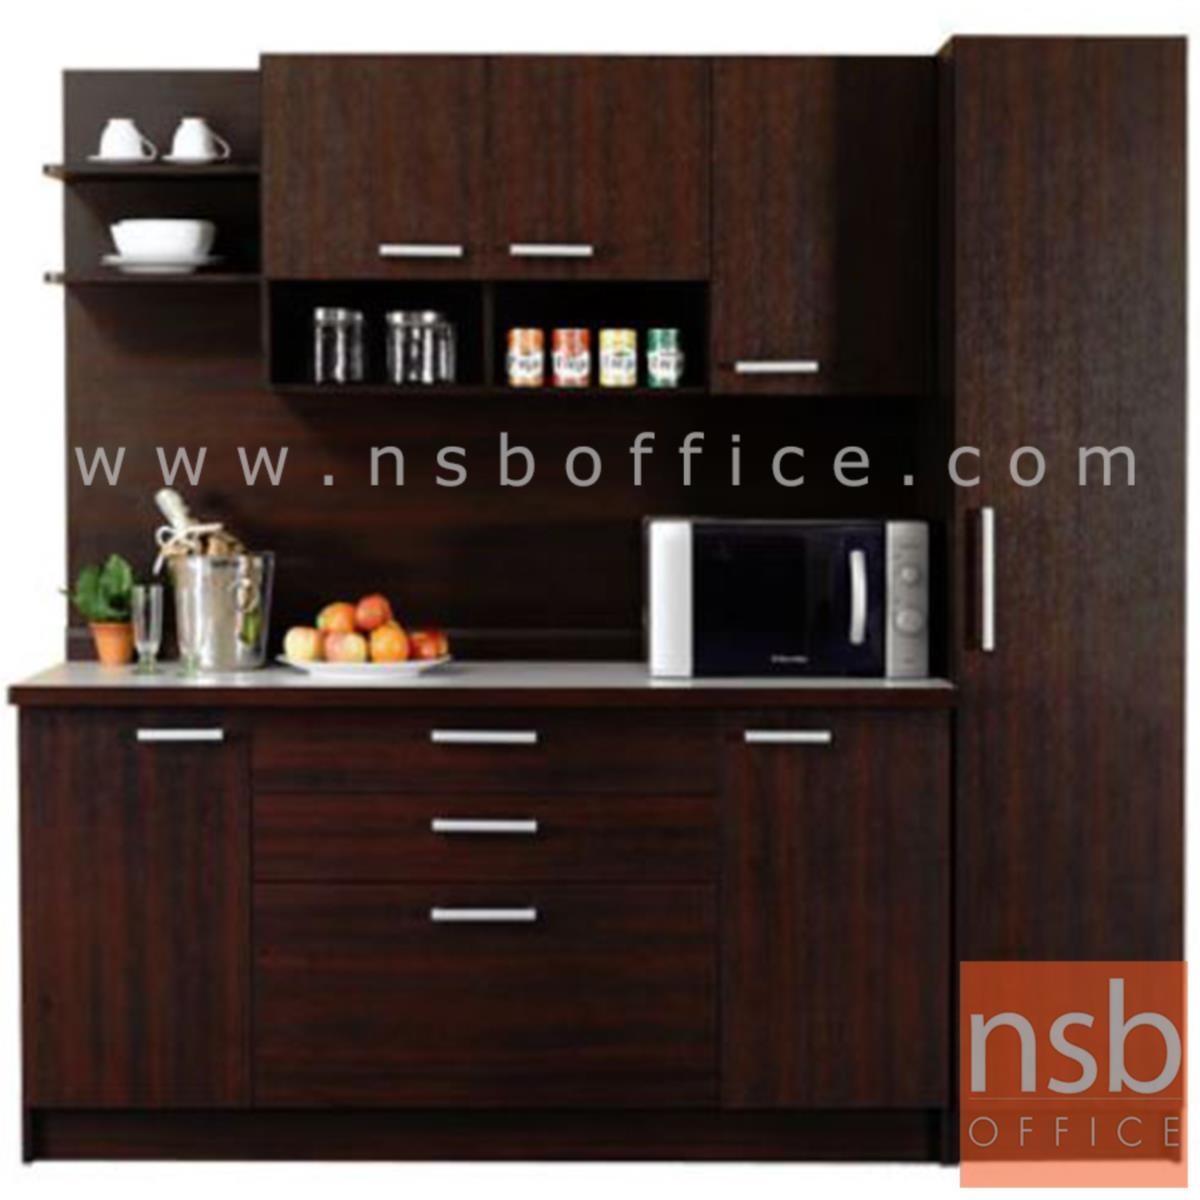 G10A010:ชุดตู้ครัวหน้าเรียบ 200W cm. ER-0116,ER-0114  พร้อมตู้ลอย